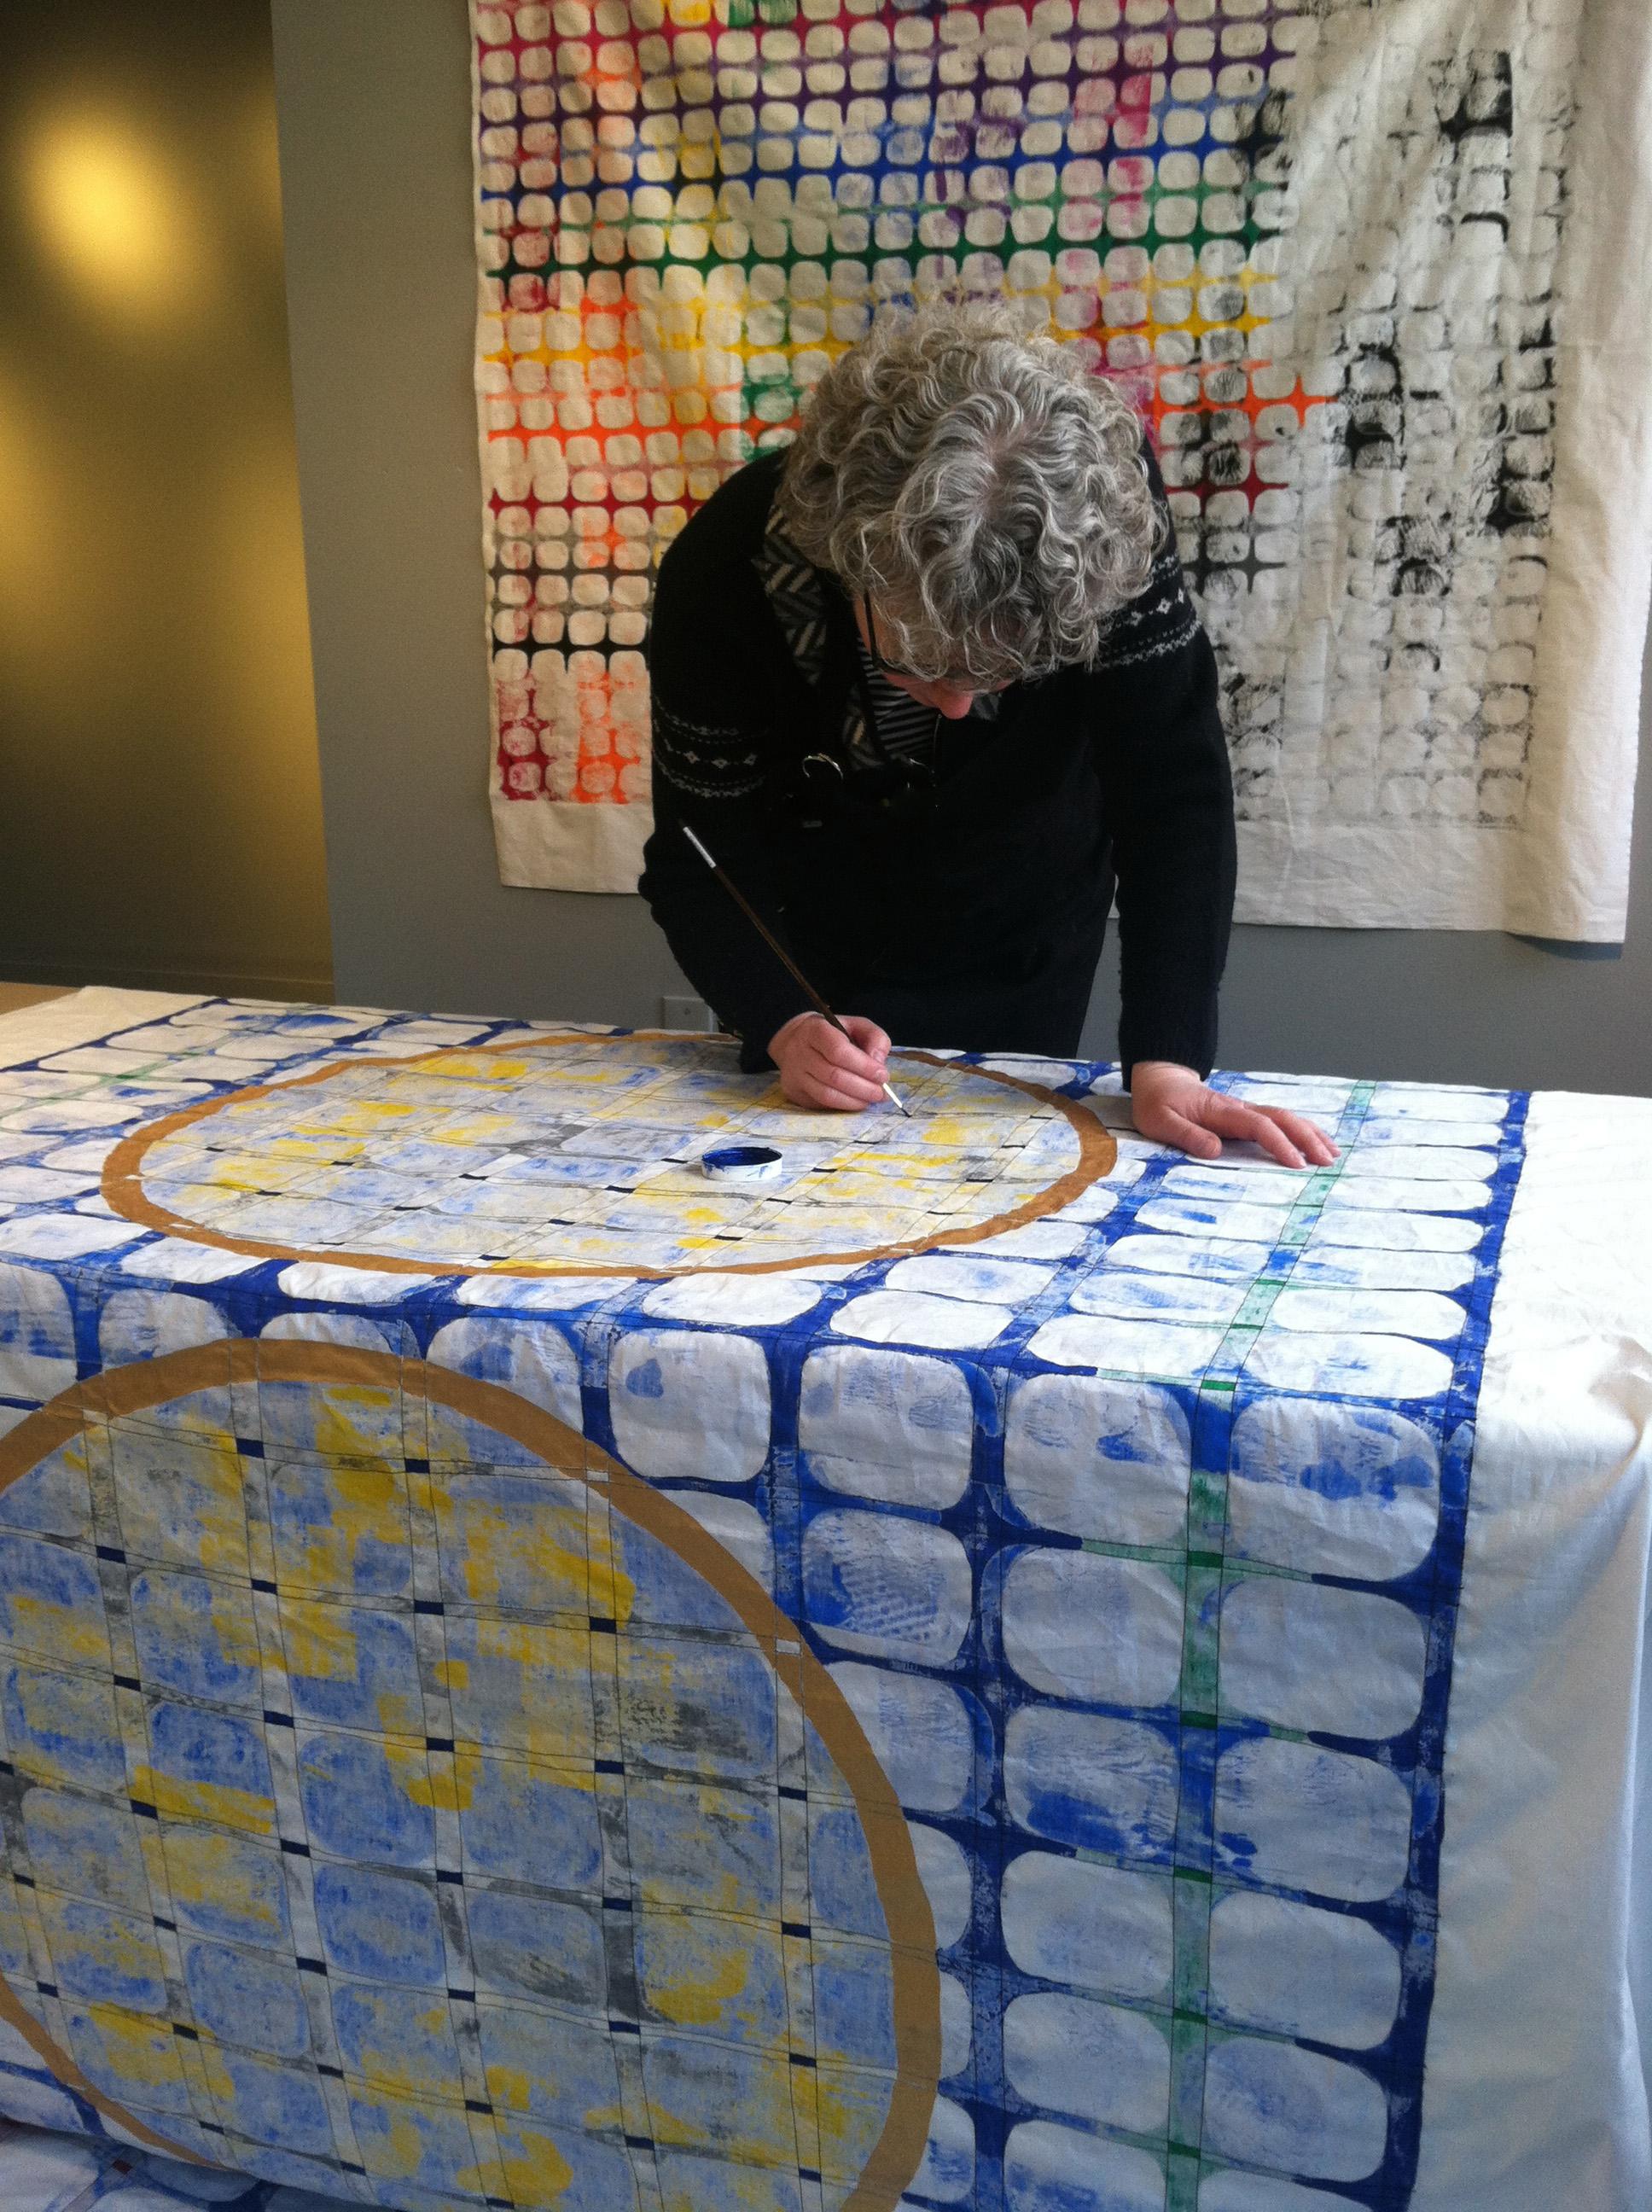 Jeanne-painting-at-Brandeis.jpg